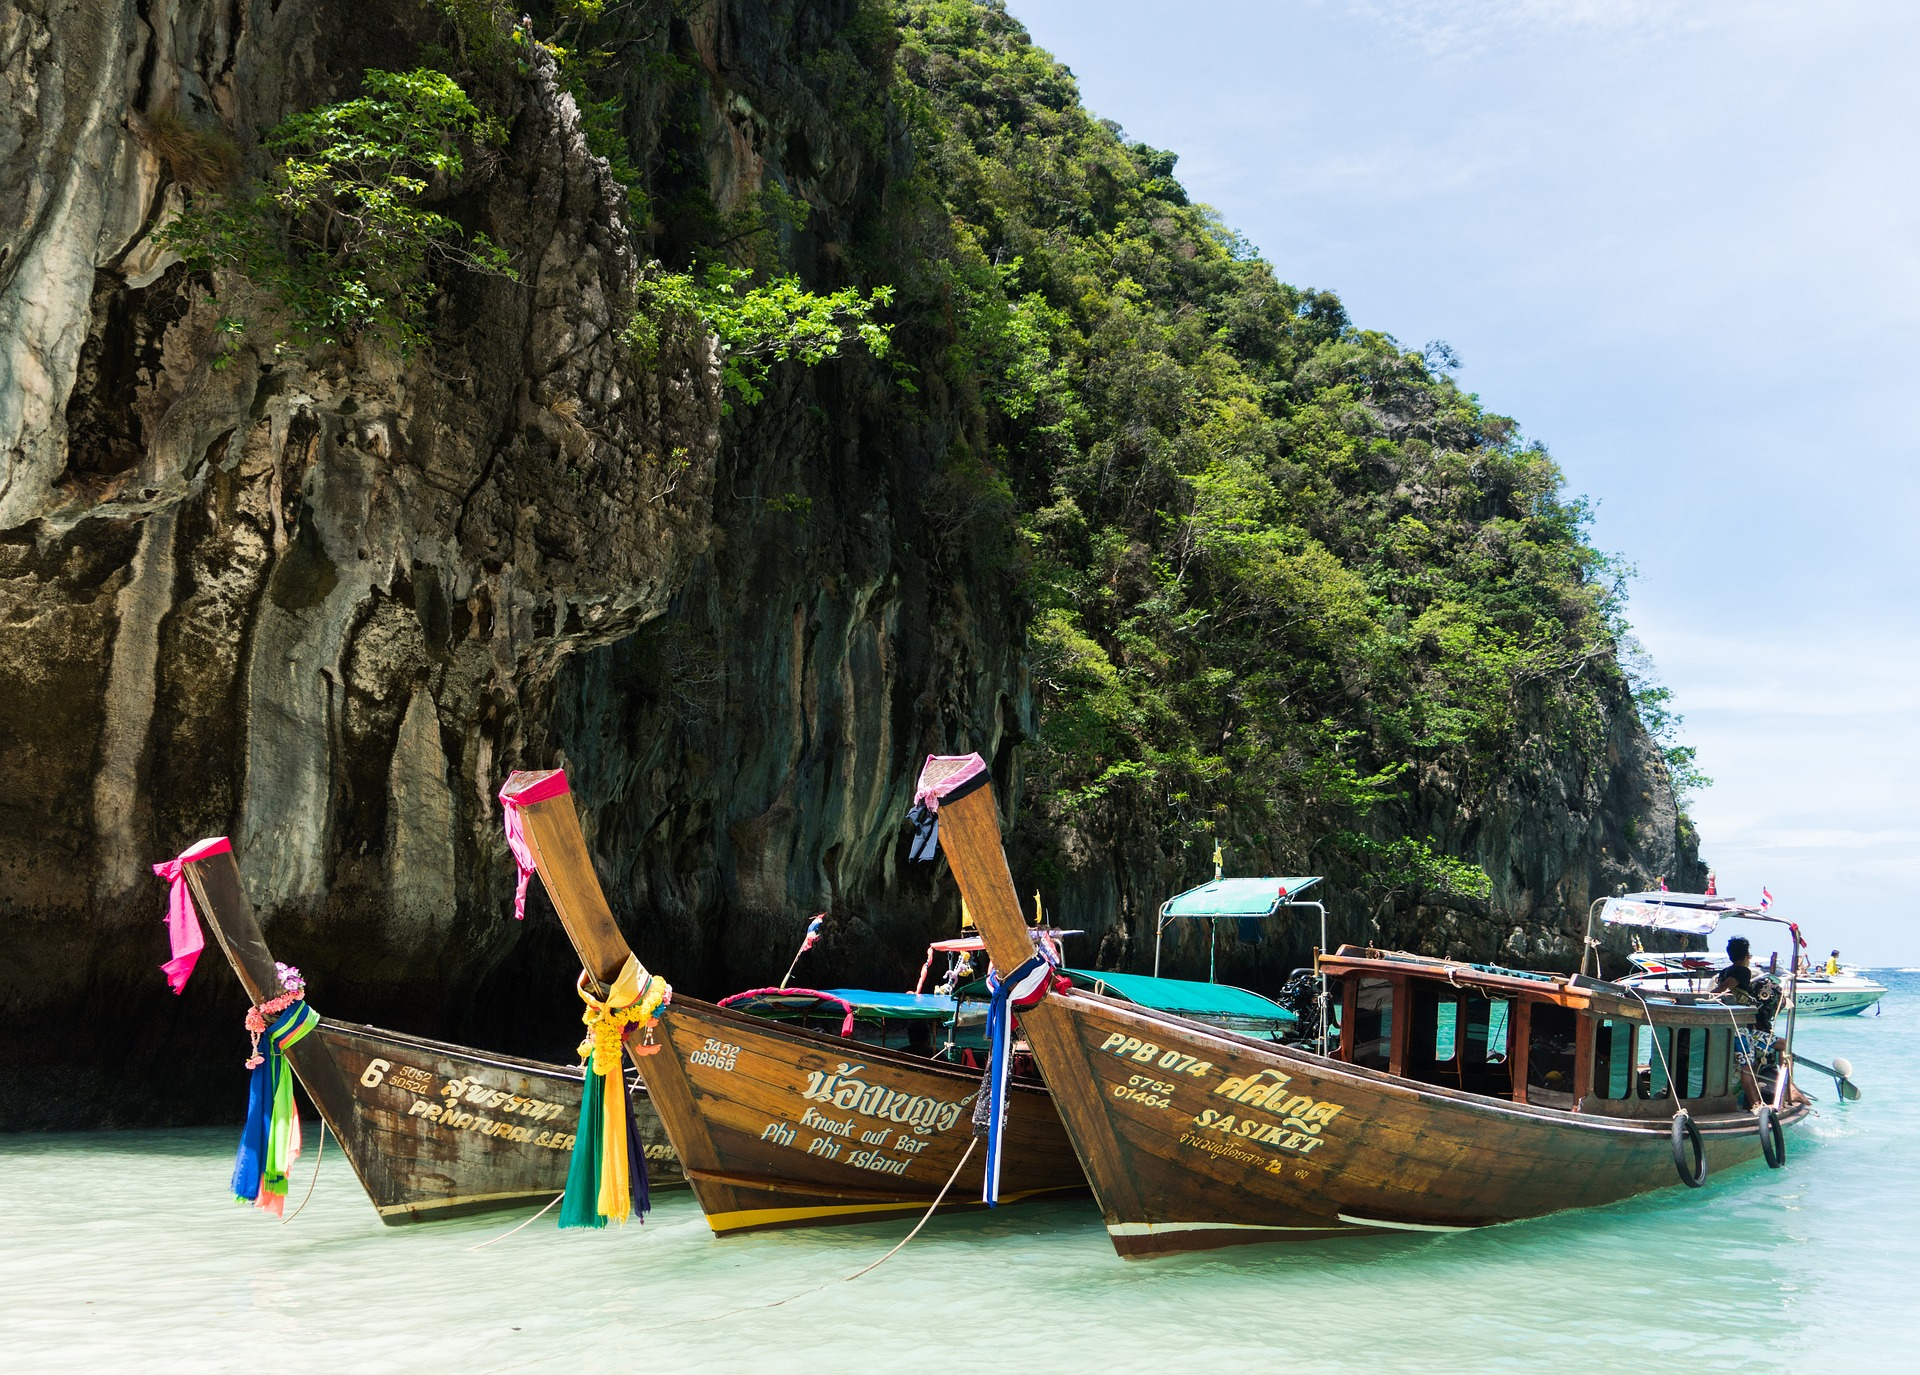 Typisch Phuket mit diesen schönen Booten werdet Ihr von a nach b transportiert